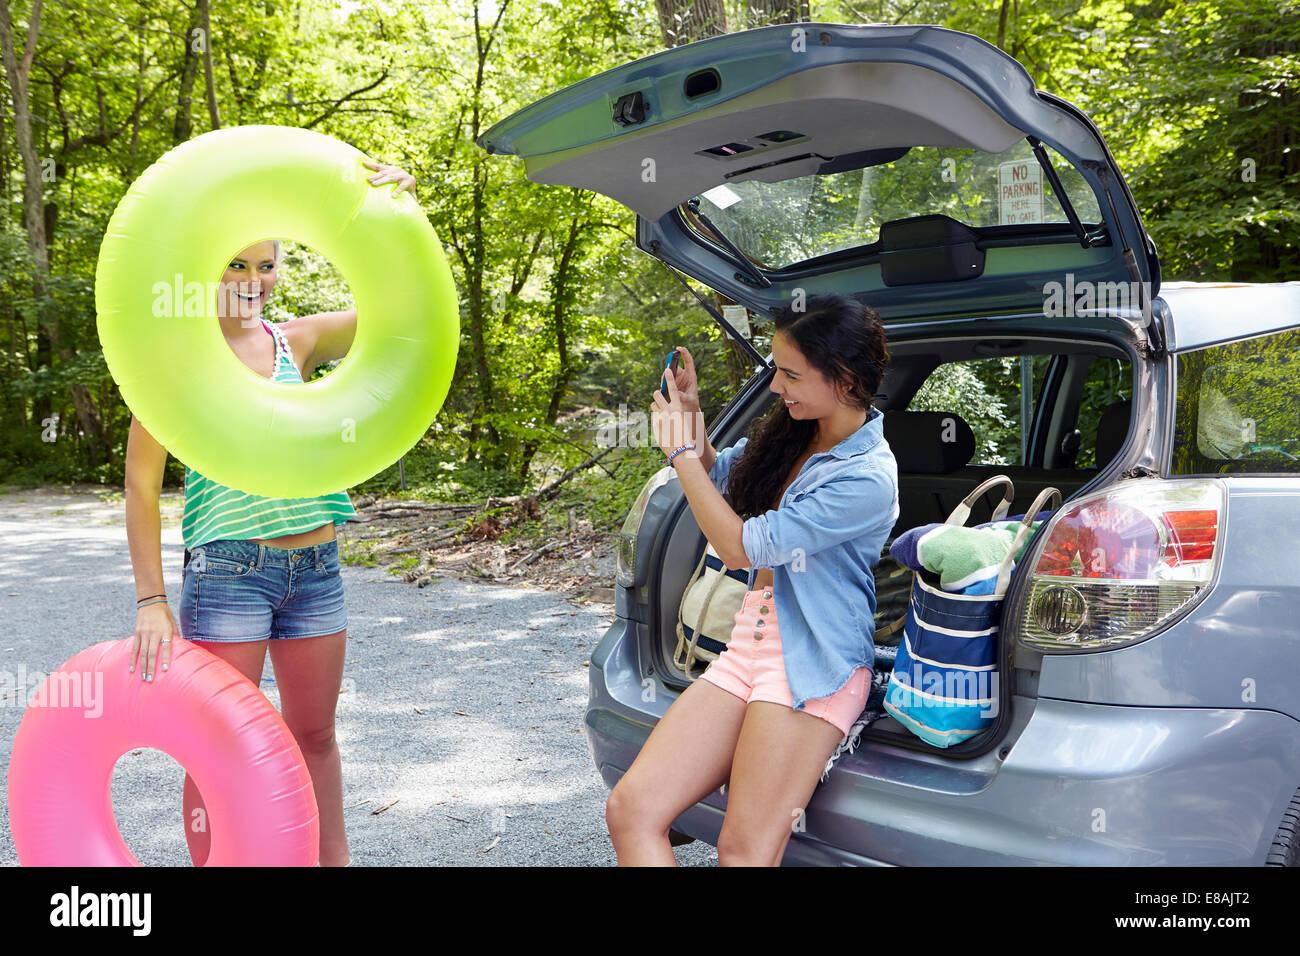 Excursionistas sentado en la parte trasera del coche fotografiar Imagen De Stock